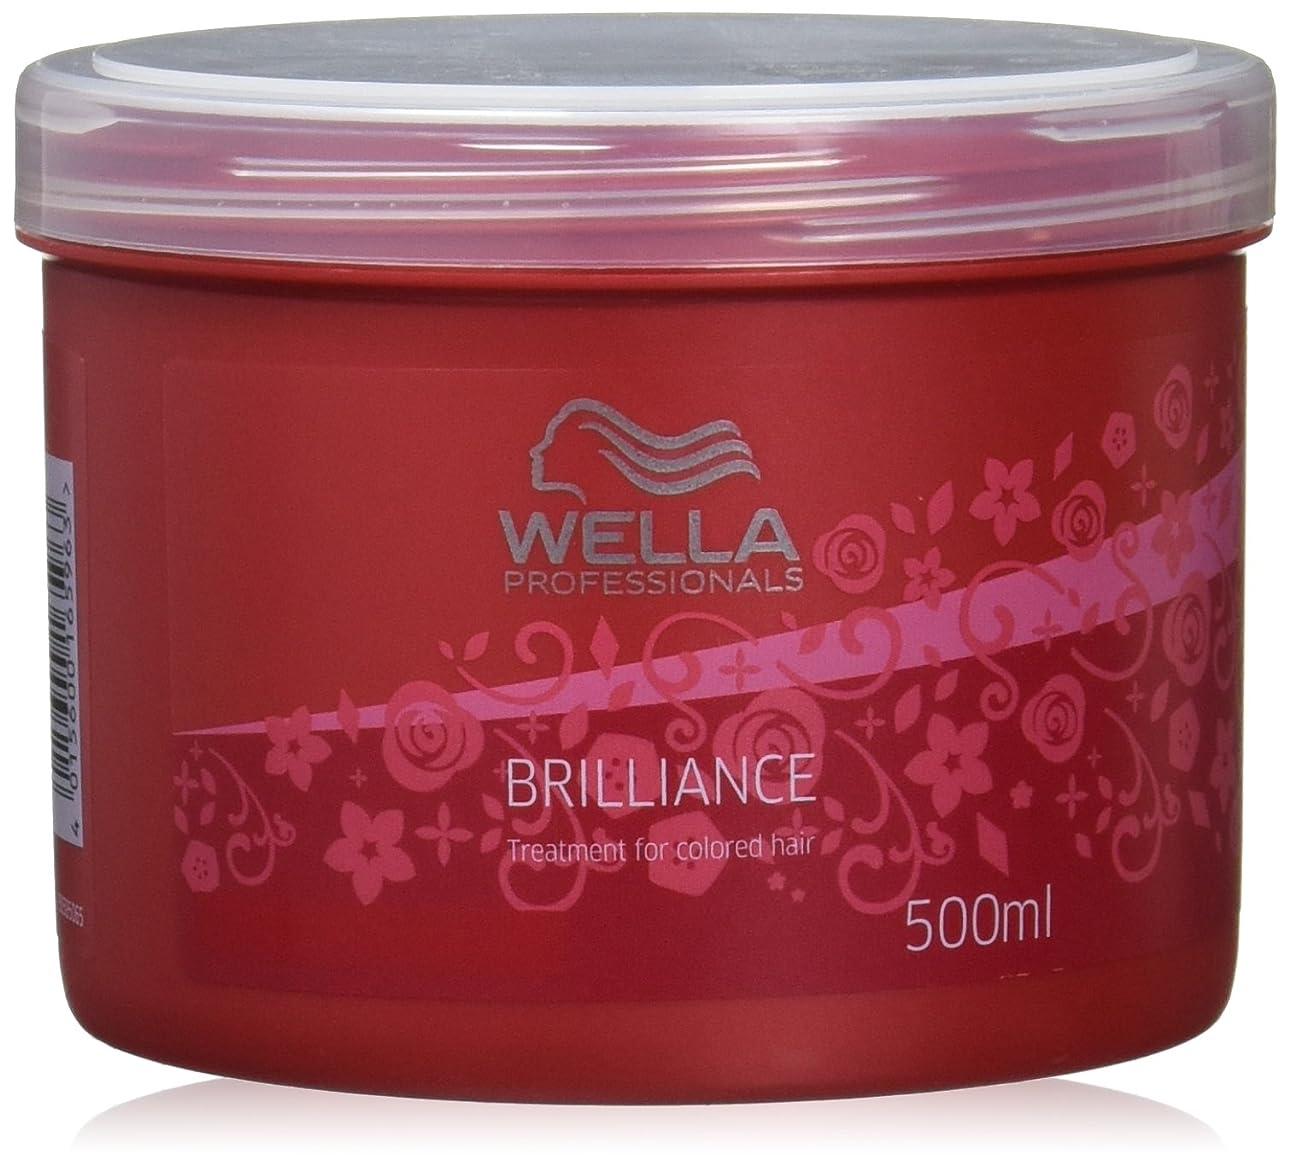 アレルギー性想定する厳密にウエラ ブリリアンス トリートメント 500ml